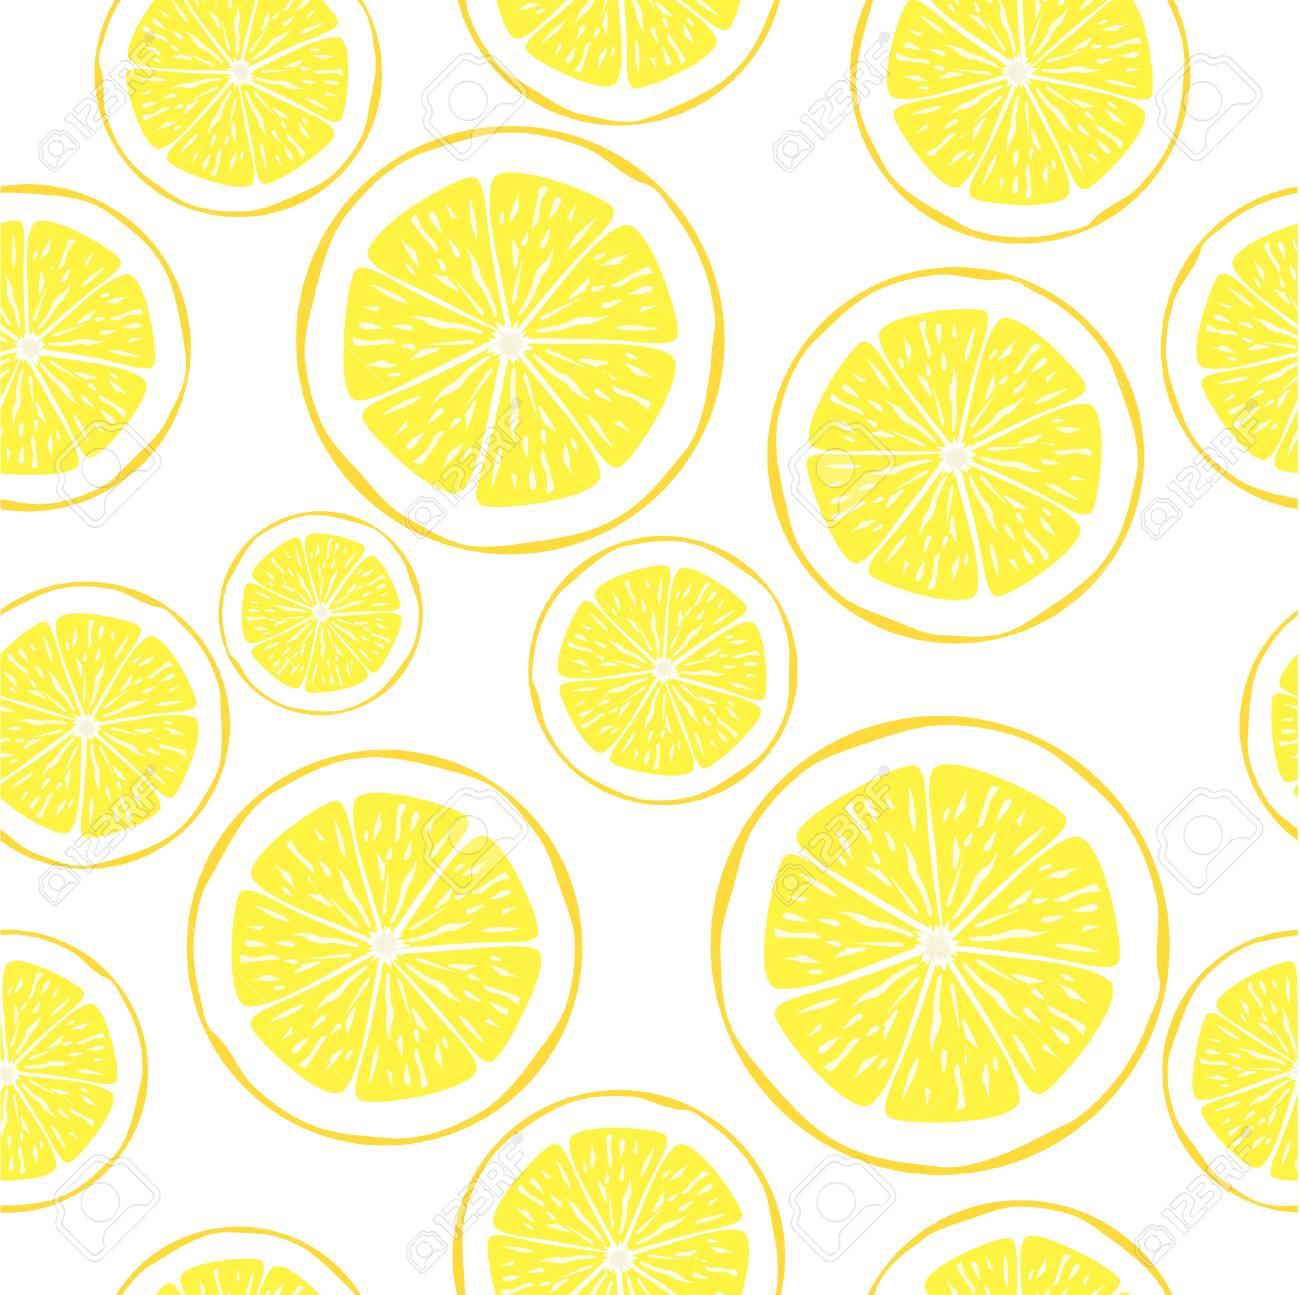 ベクトル レモン新鮮なレモンの果実ベクトル イラスト集かわいい